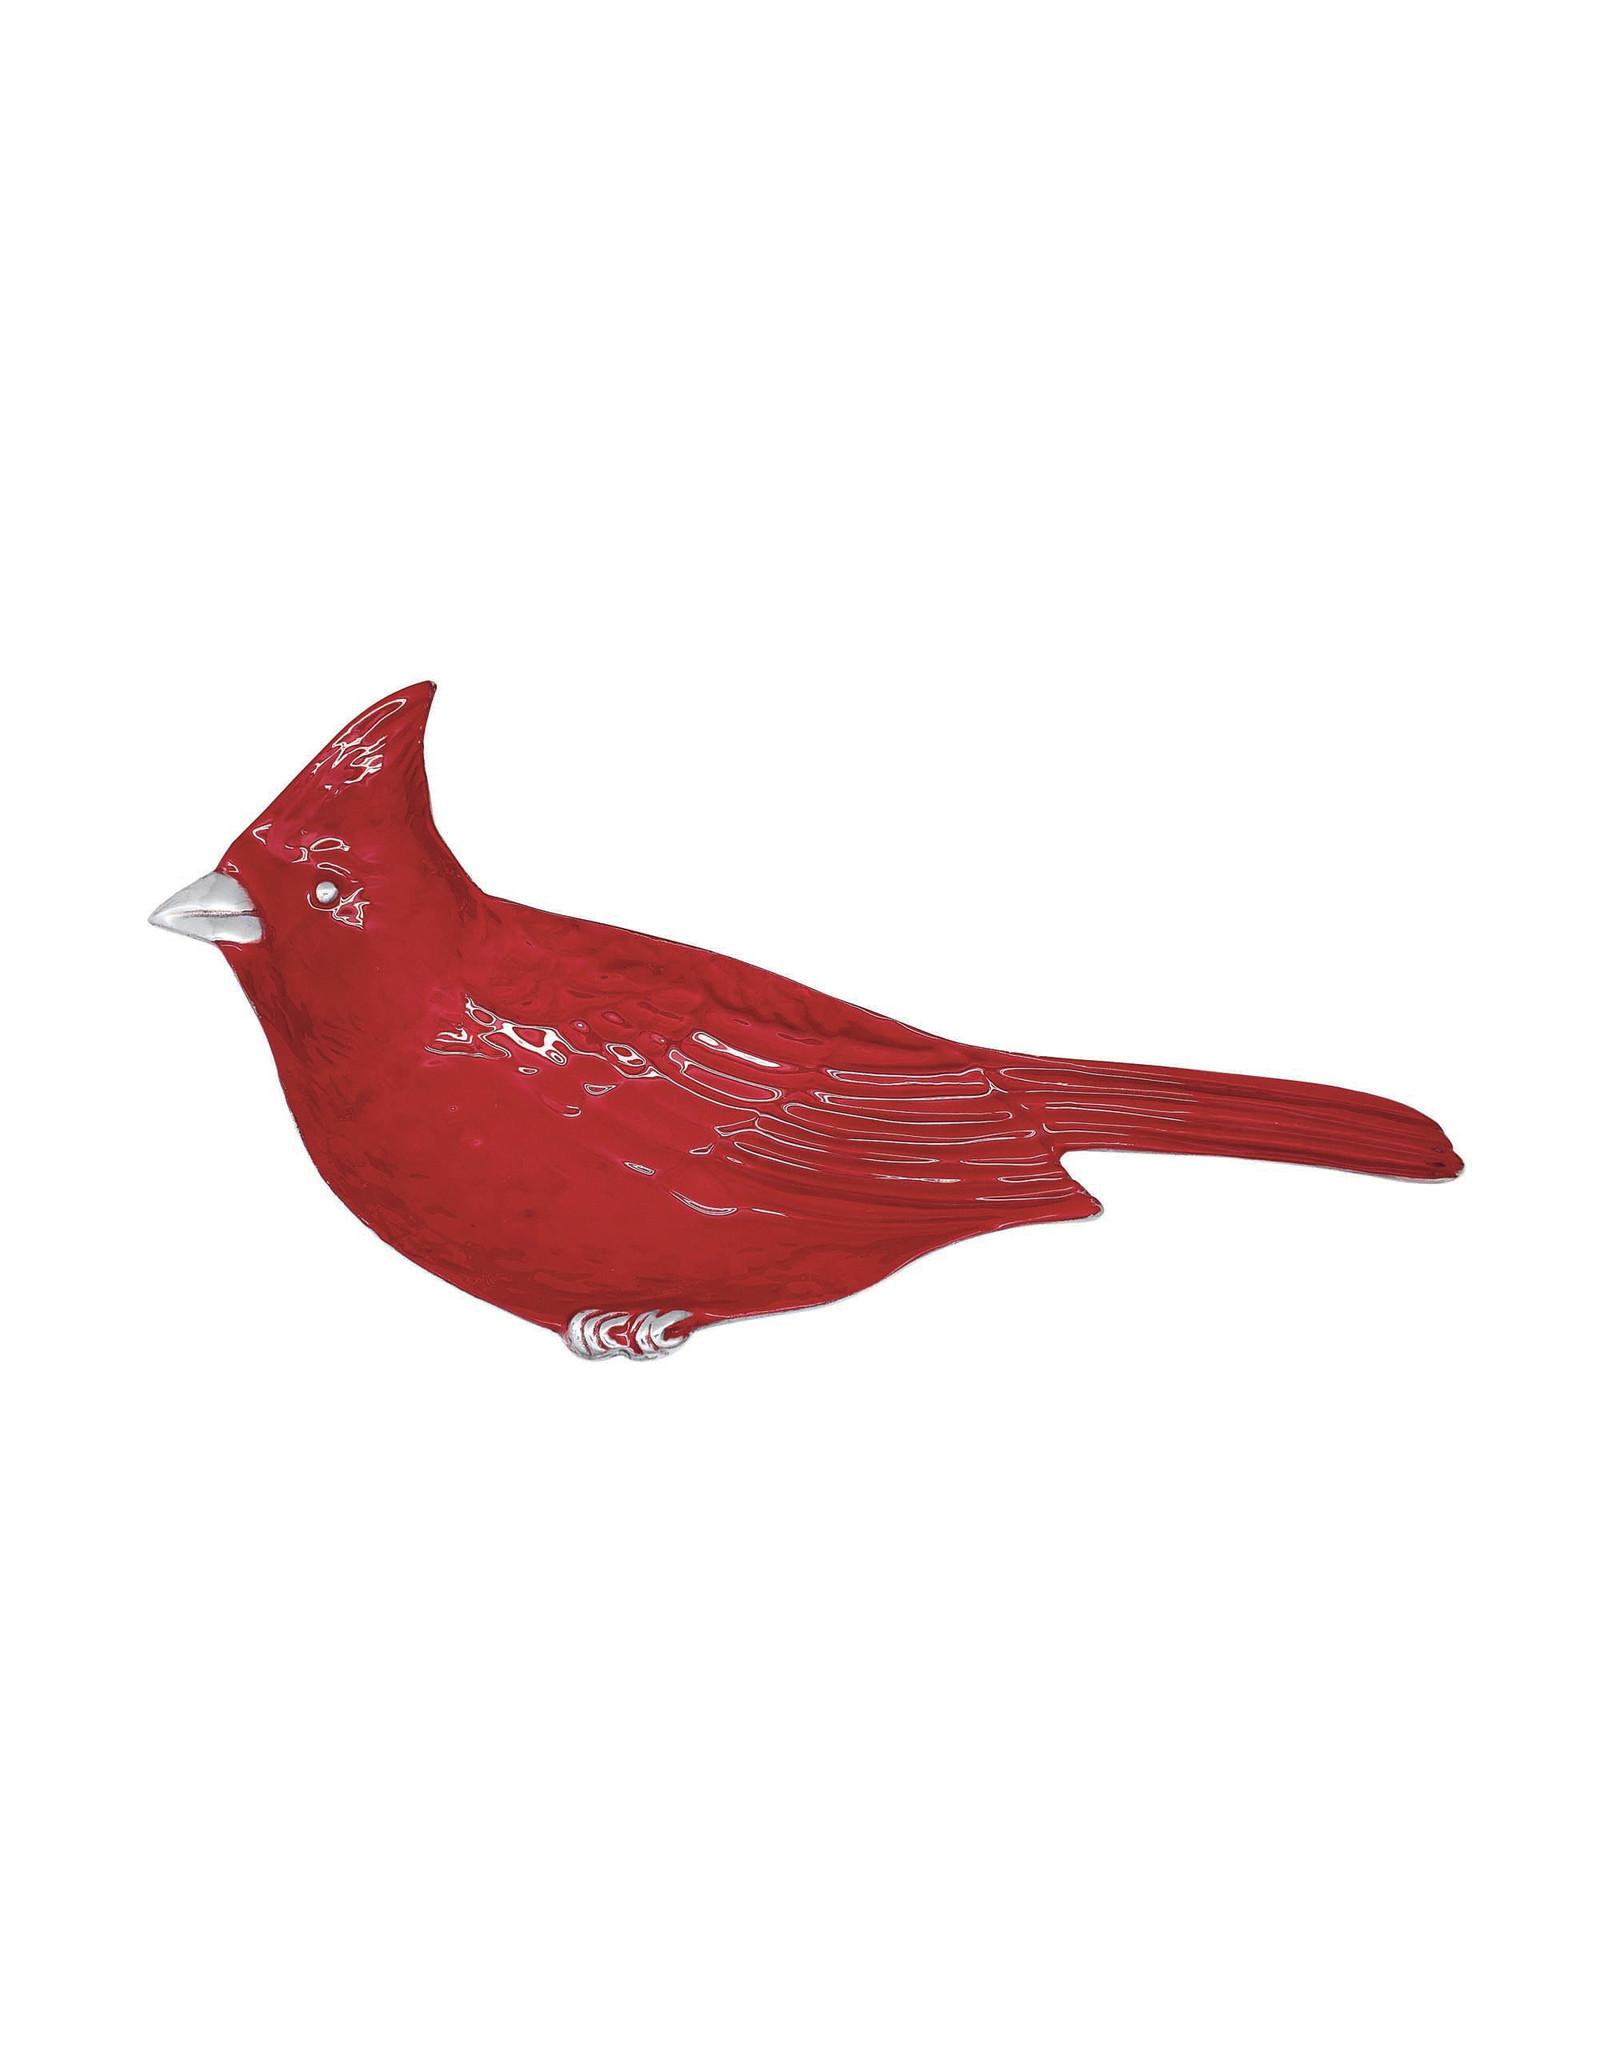 Mariposa Red Cardinal Server